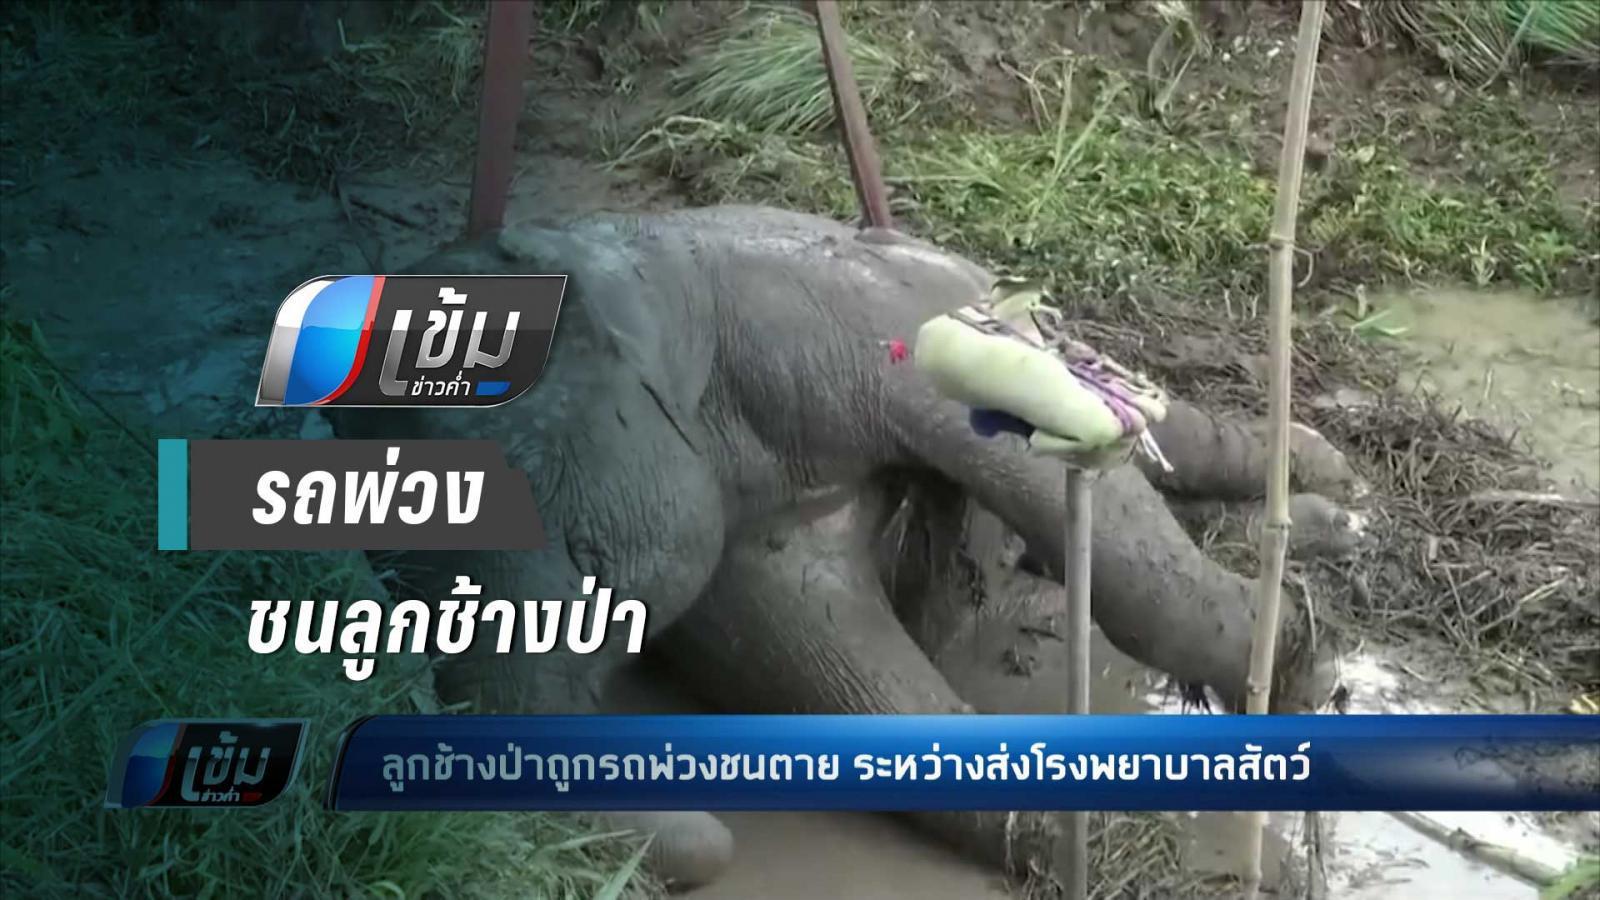 ล้มแล้ว !! ลูกช้างป่า ถูกรถพ่วงชน